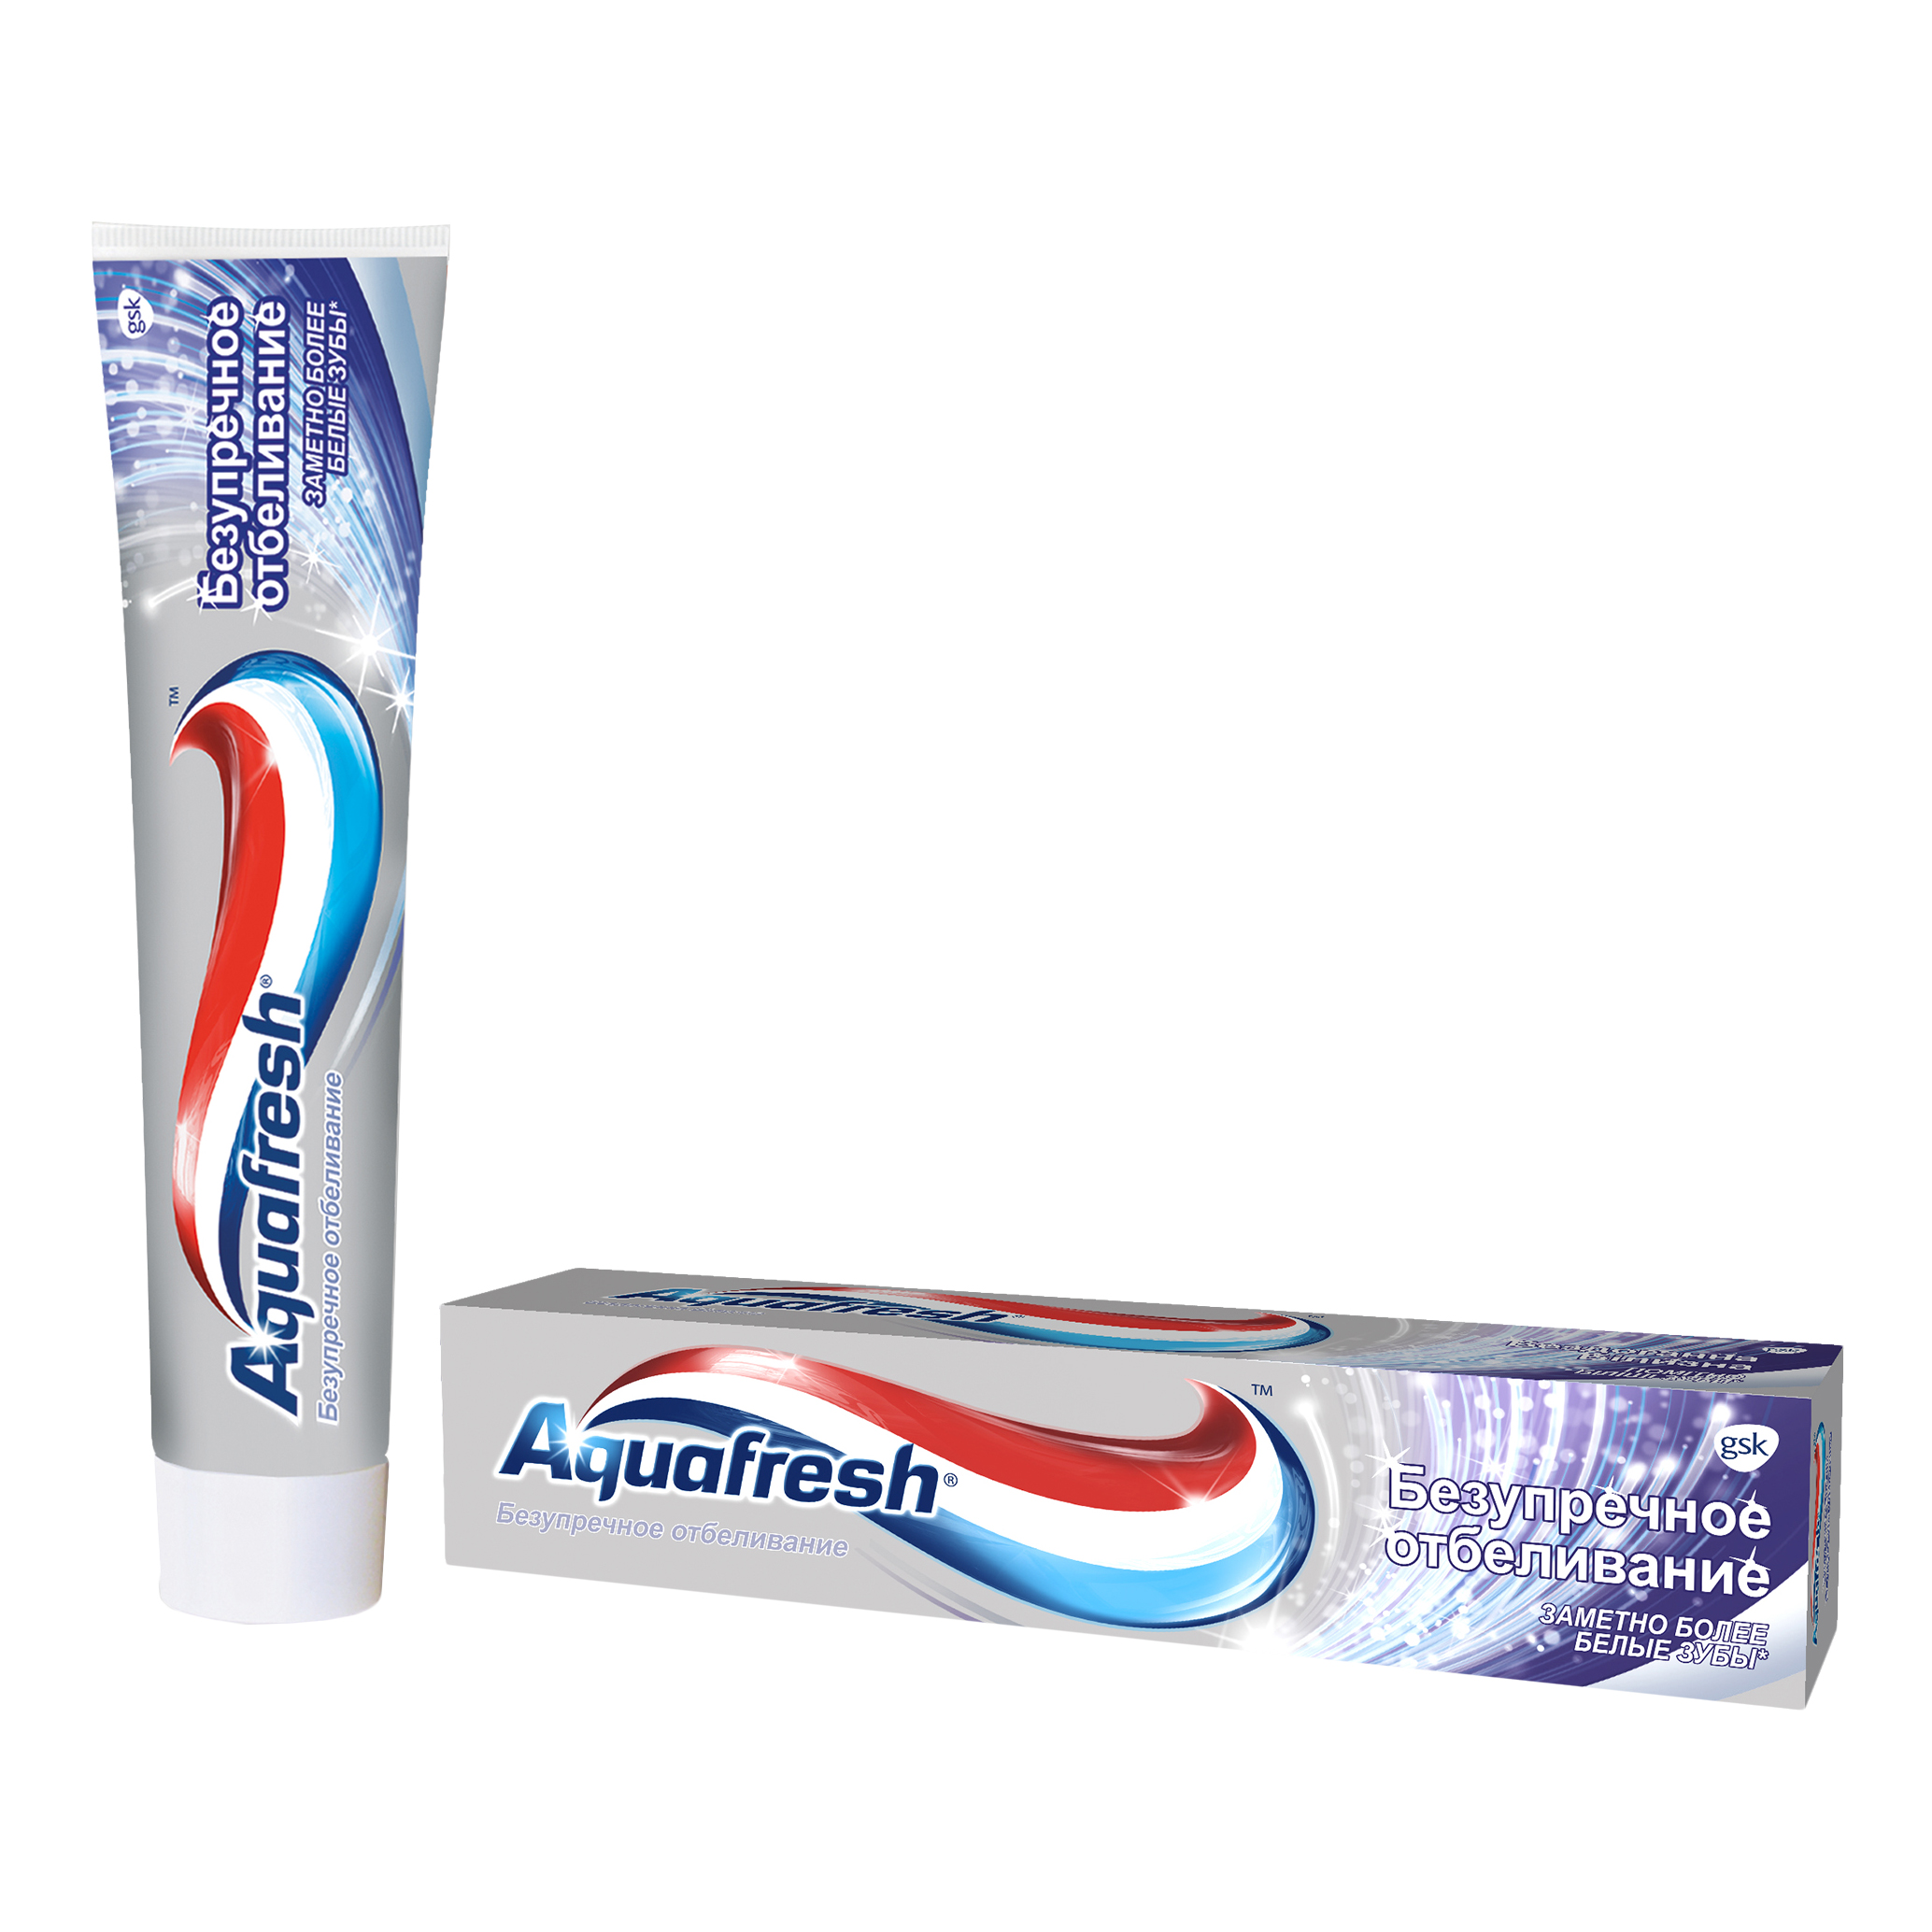 Зубная паста Aquafresh AQUAFRESH Зубная паста Безупречное отбеливание 100 мл фото